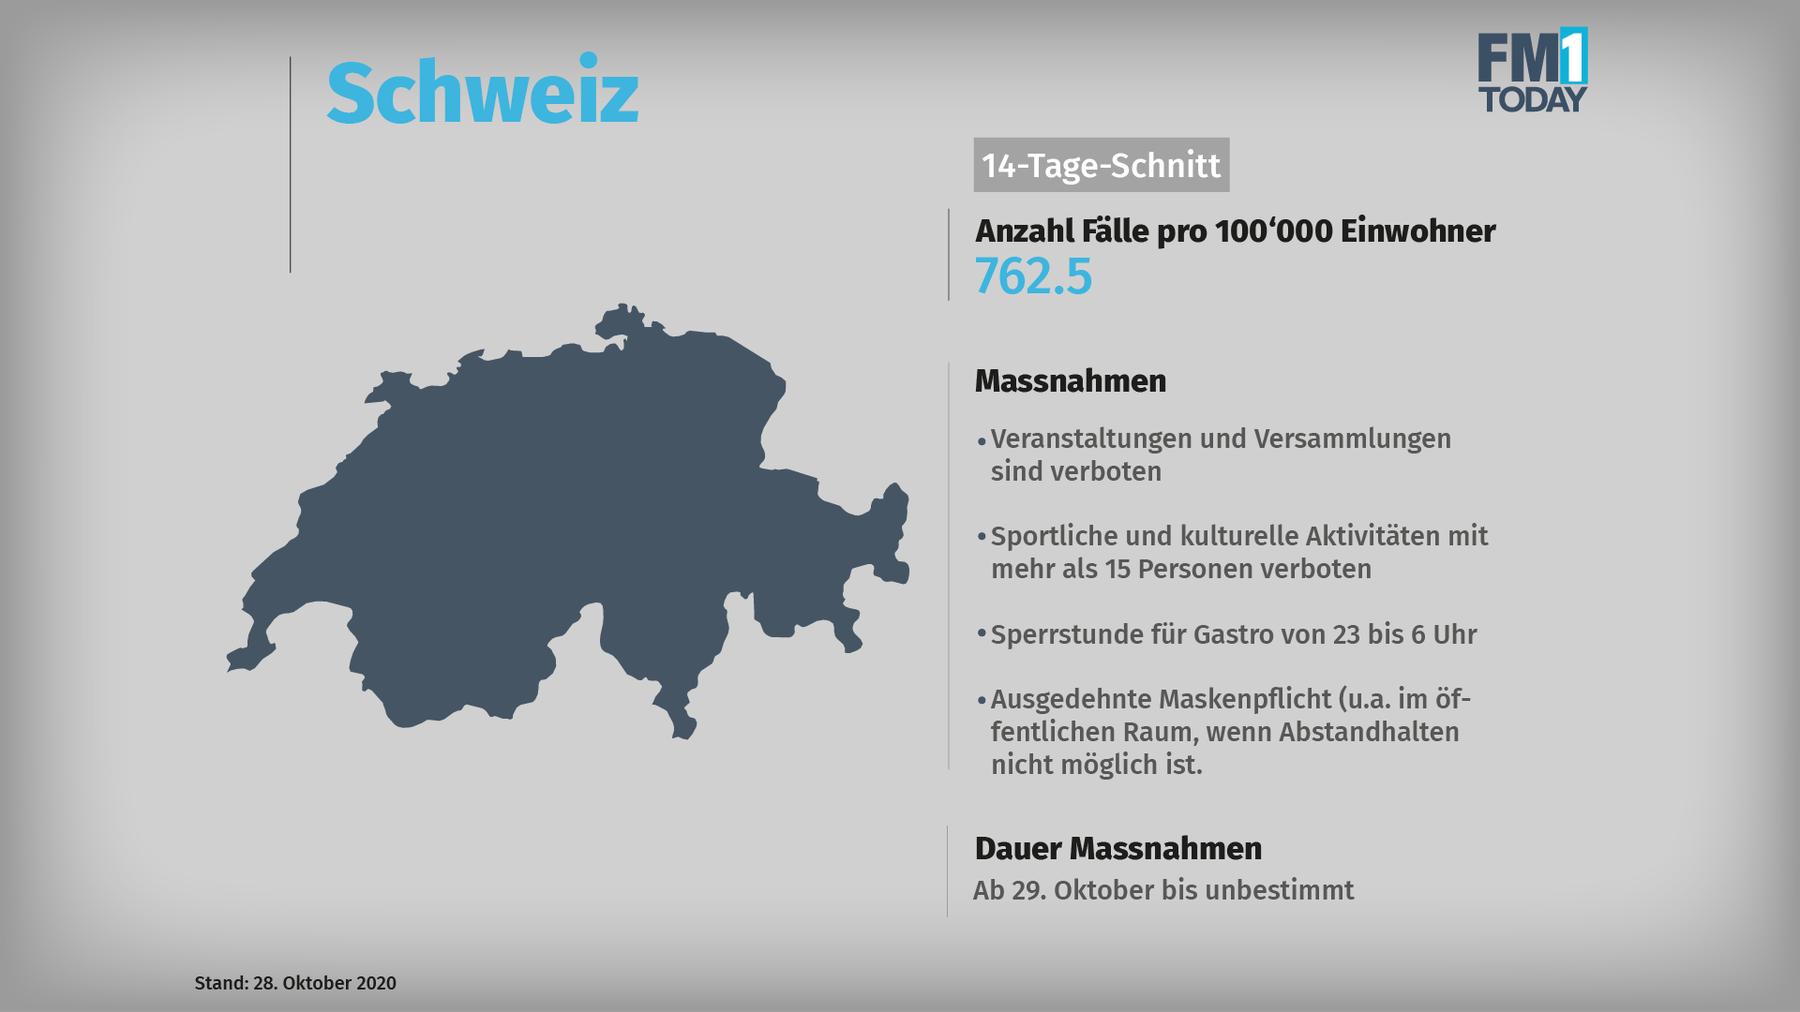 schweiz-02